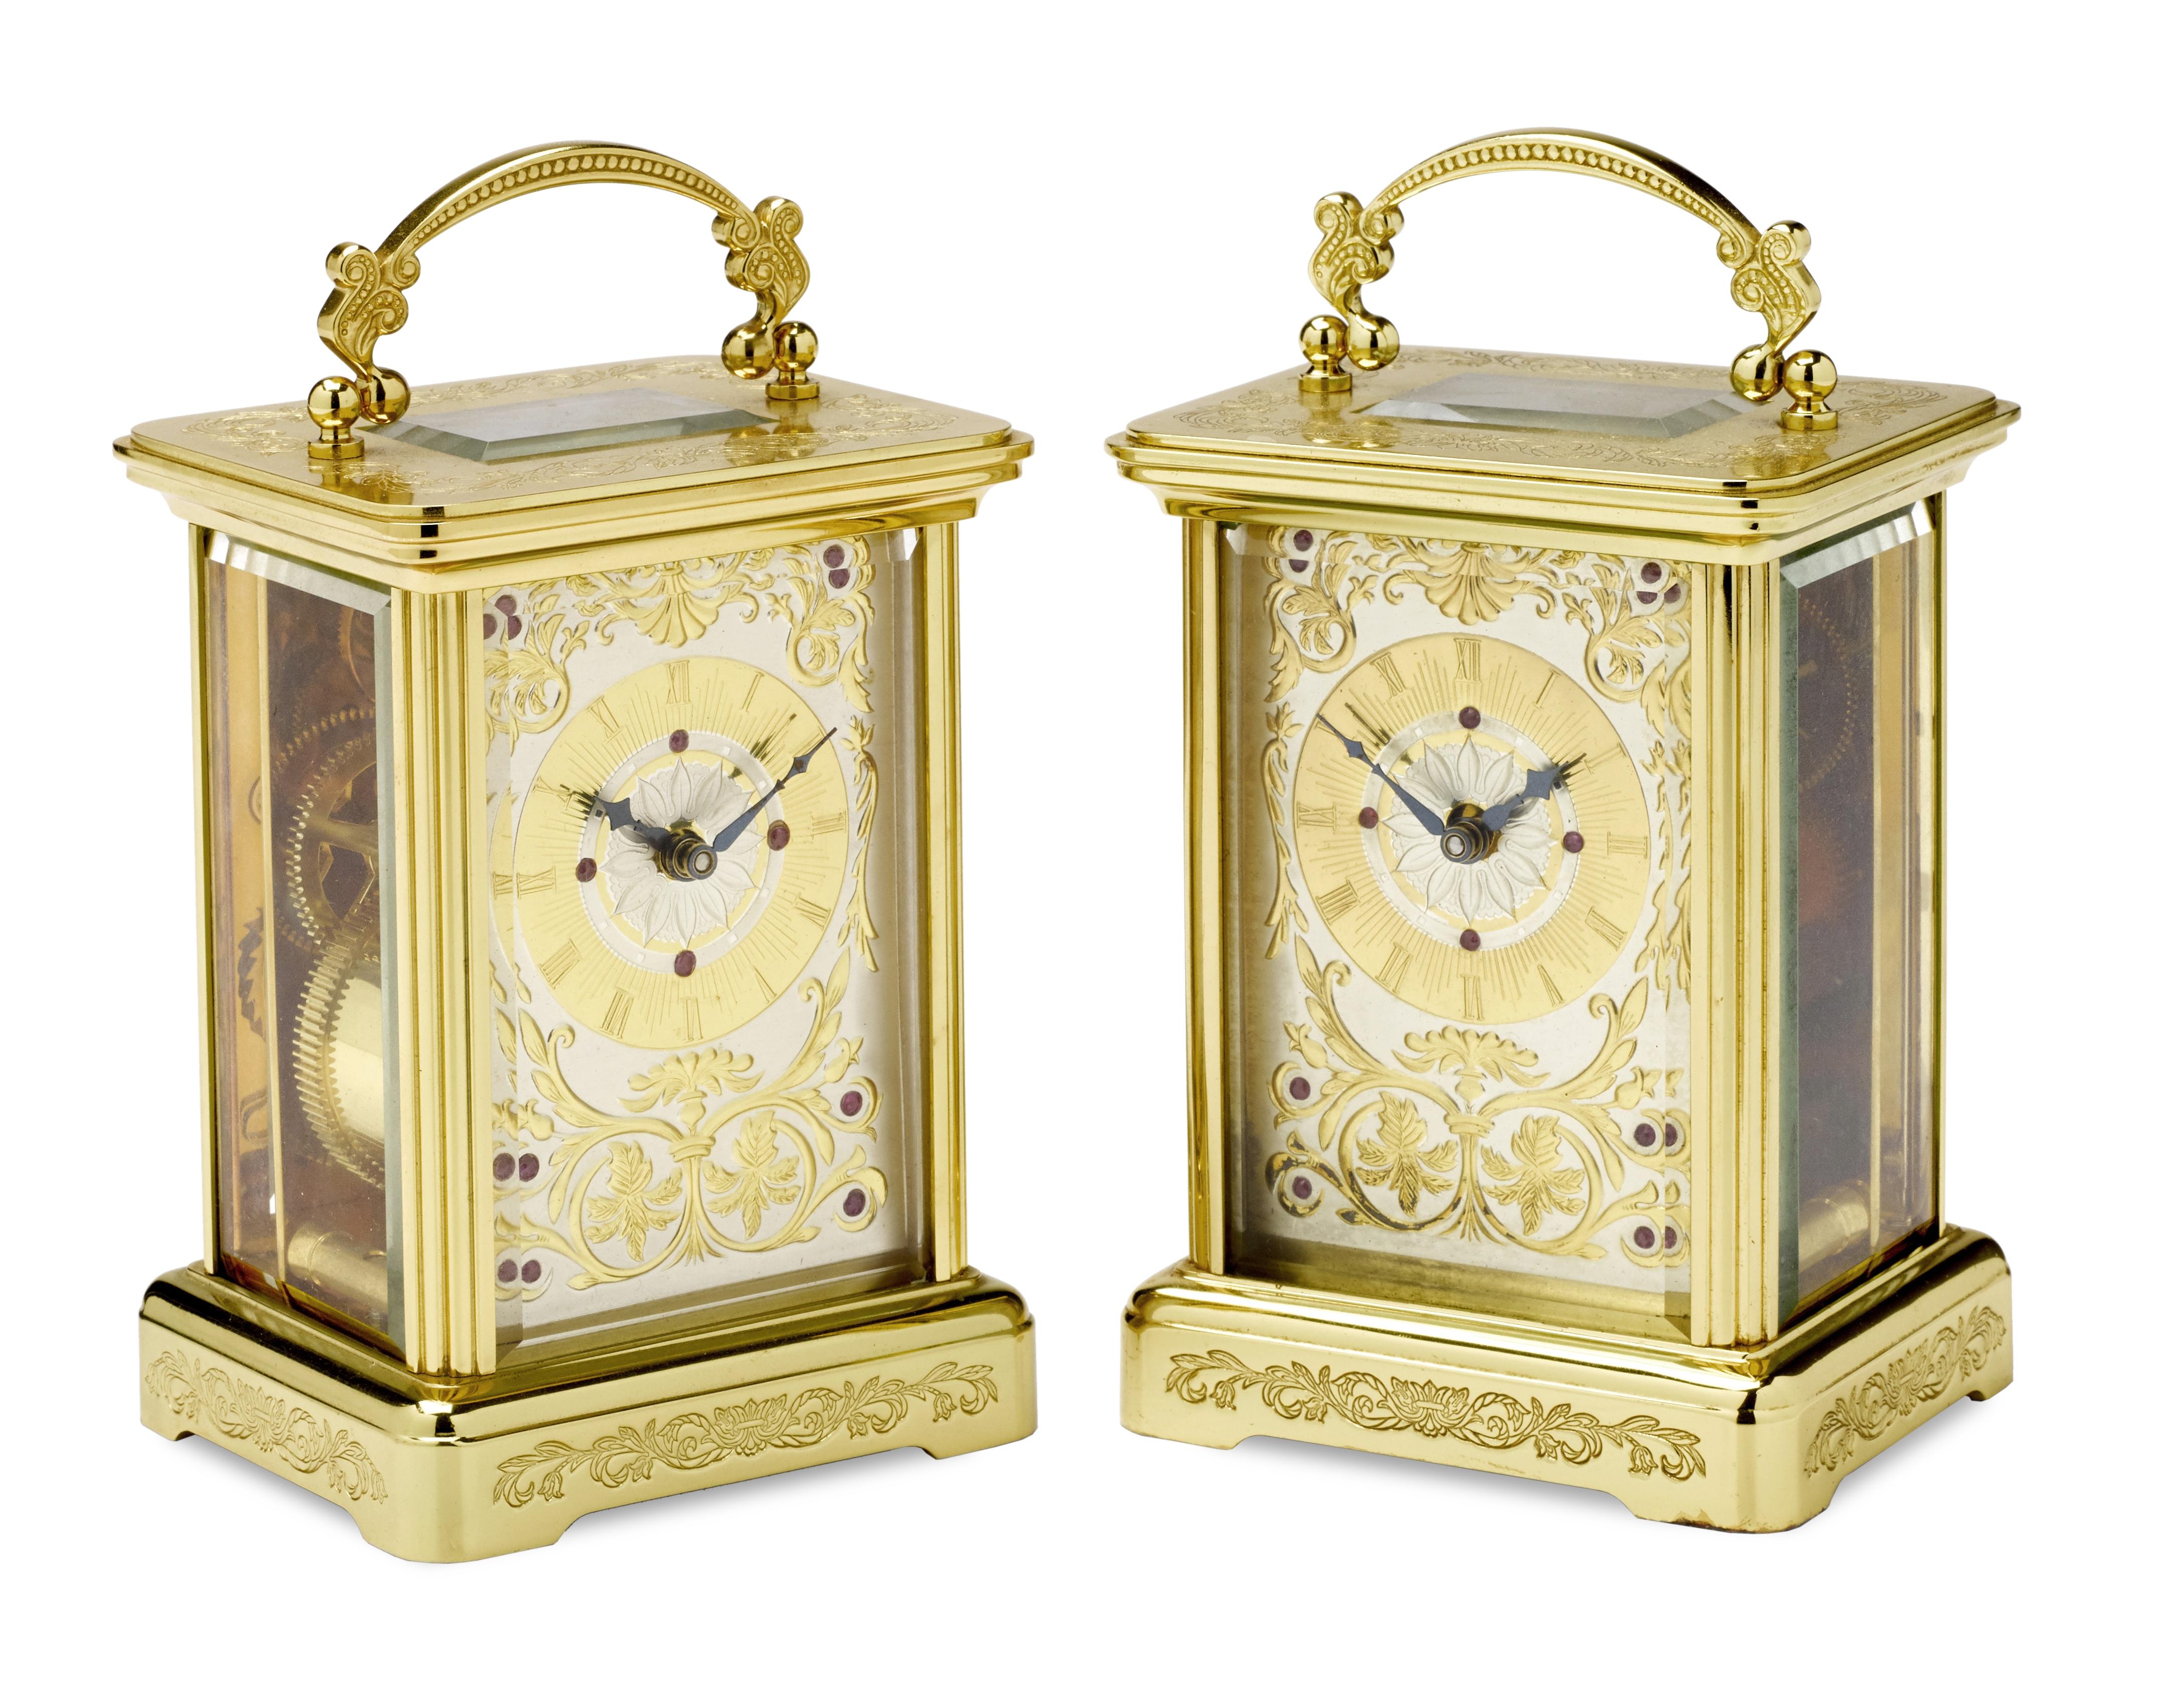 A pair of modern engraved gilt brass carriage timepieces the dials signed Igor Carl Fabergé 2